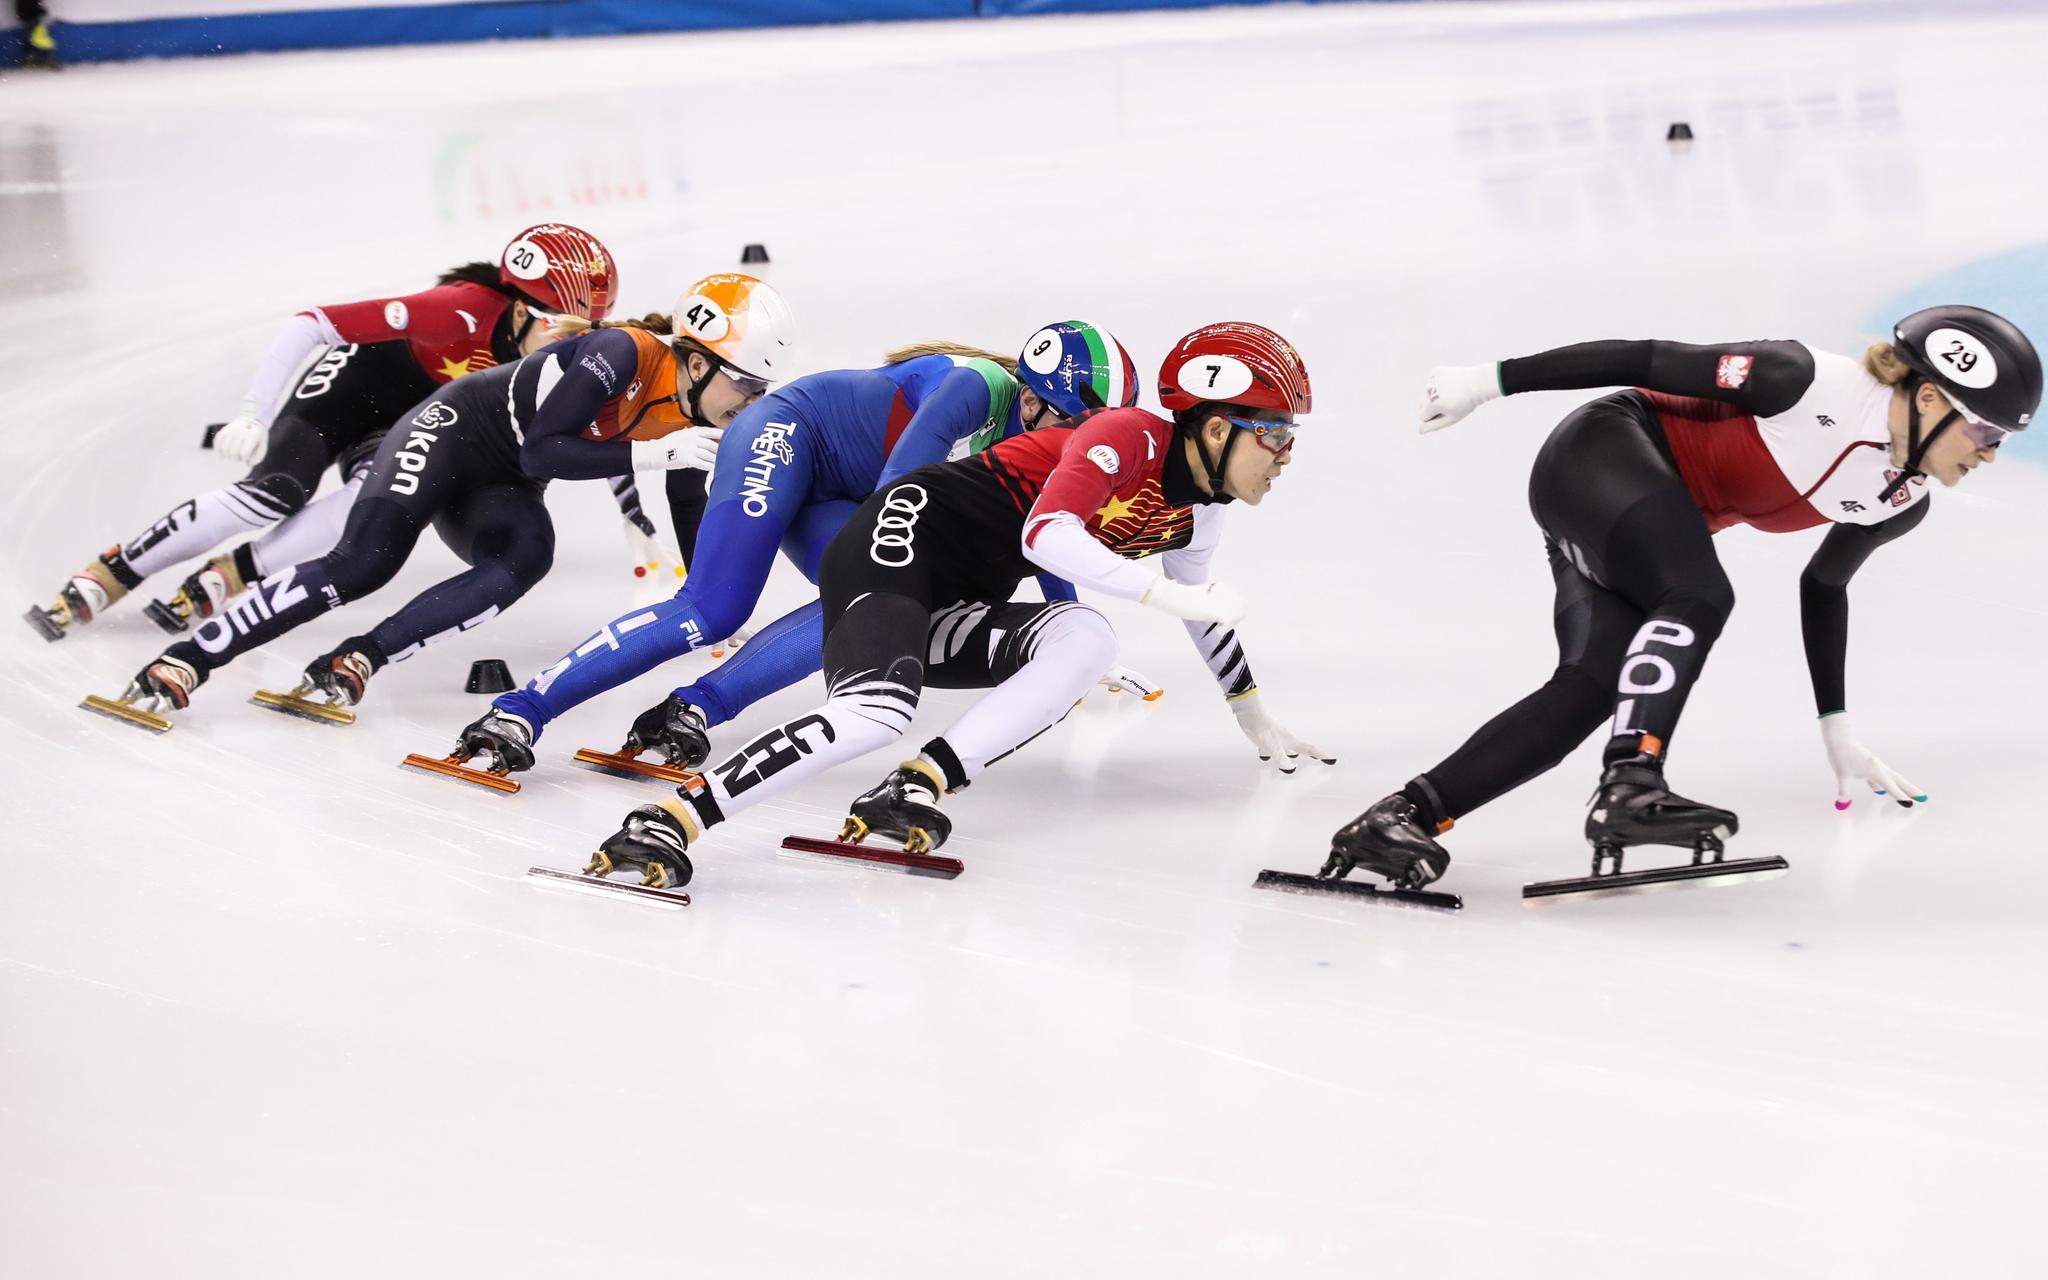 短道速滑世锦赛将延期。图/Osports